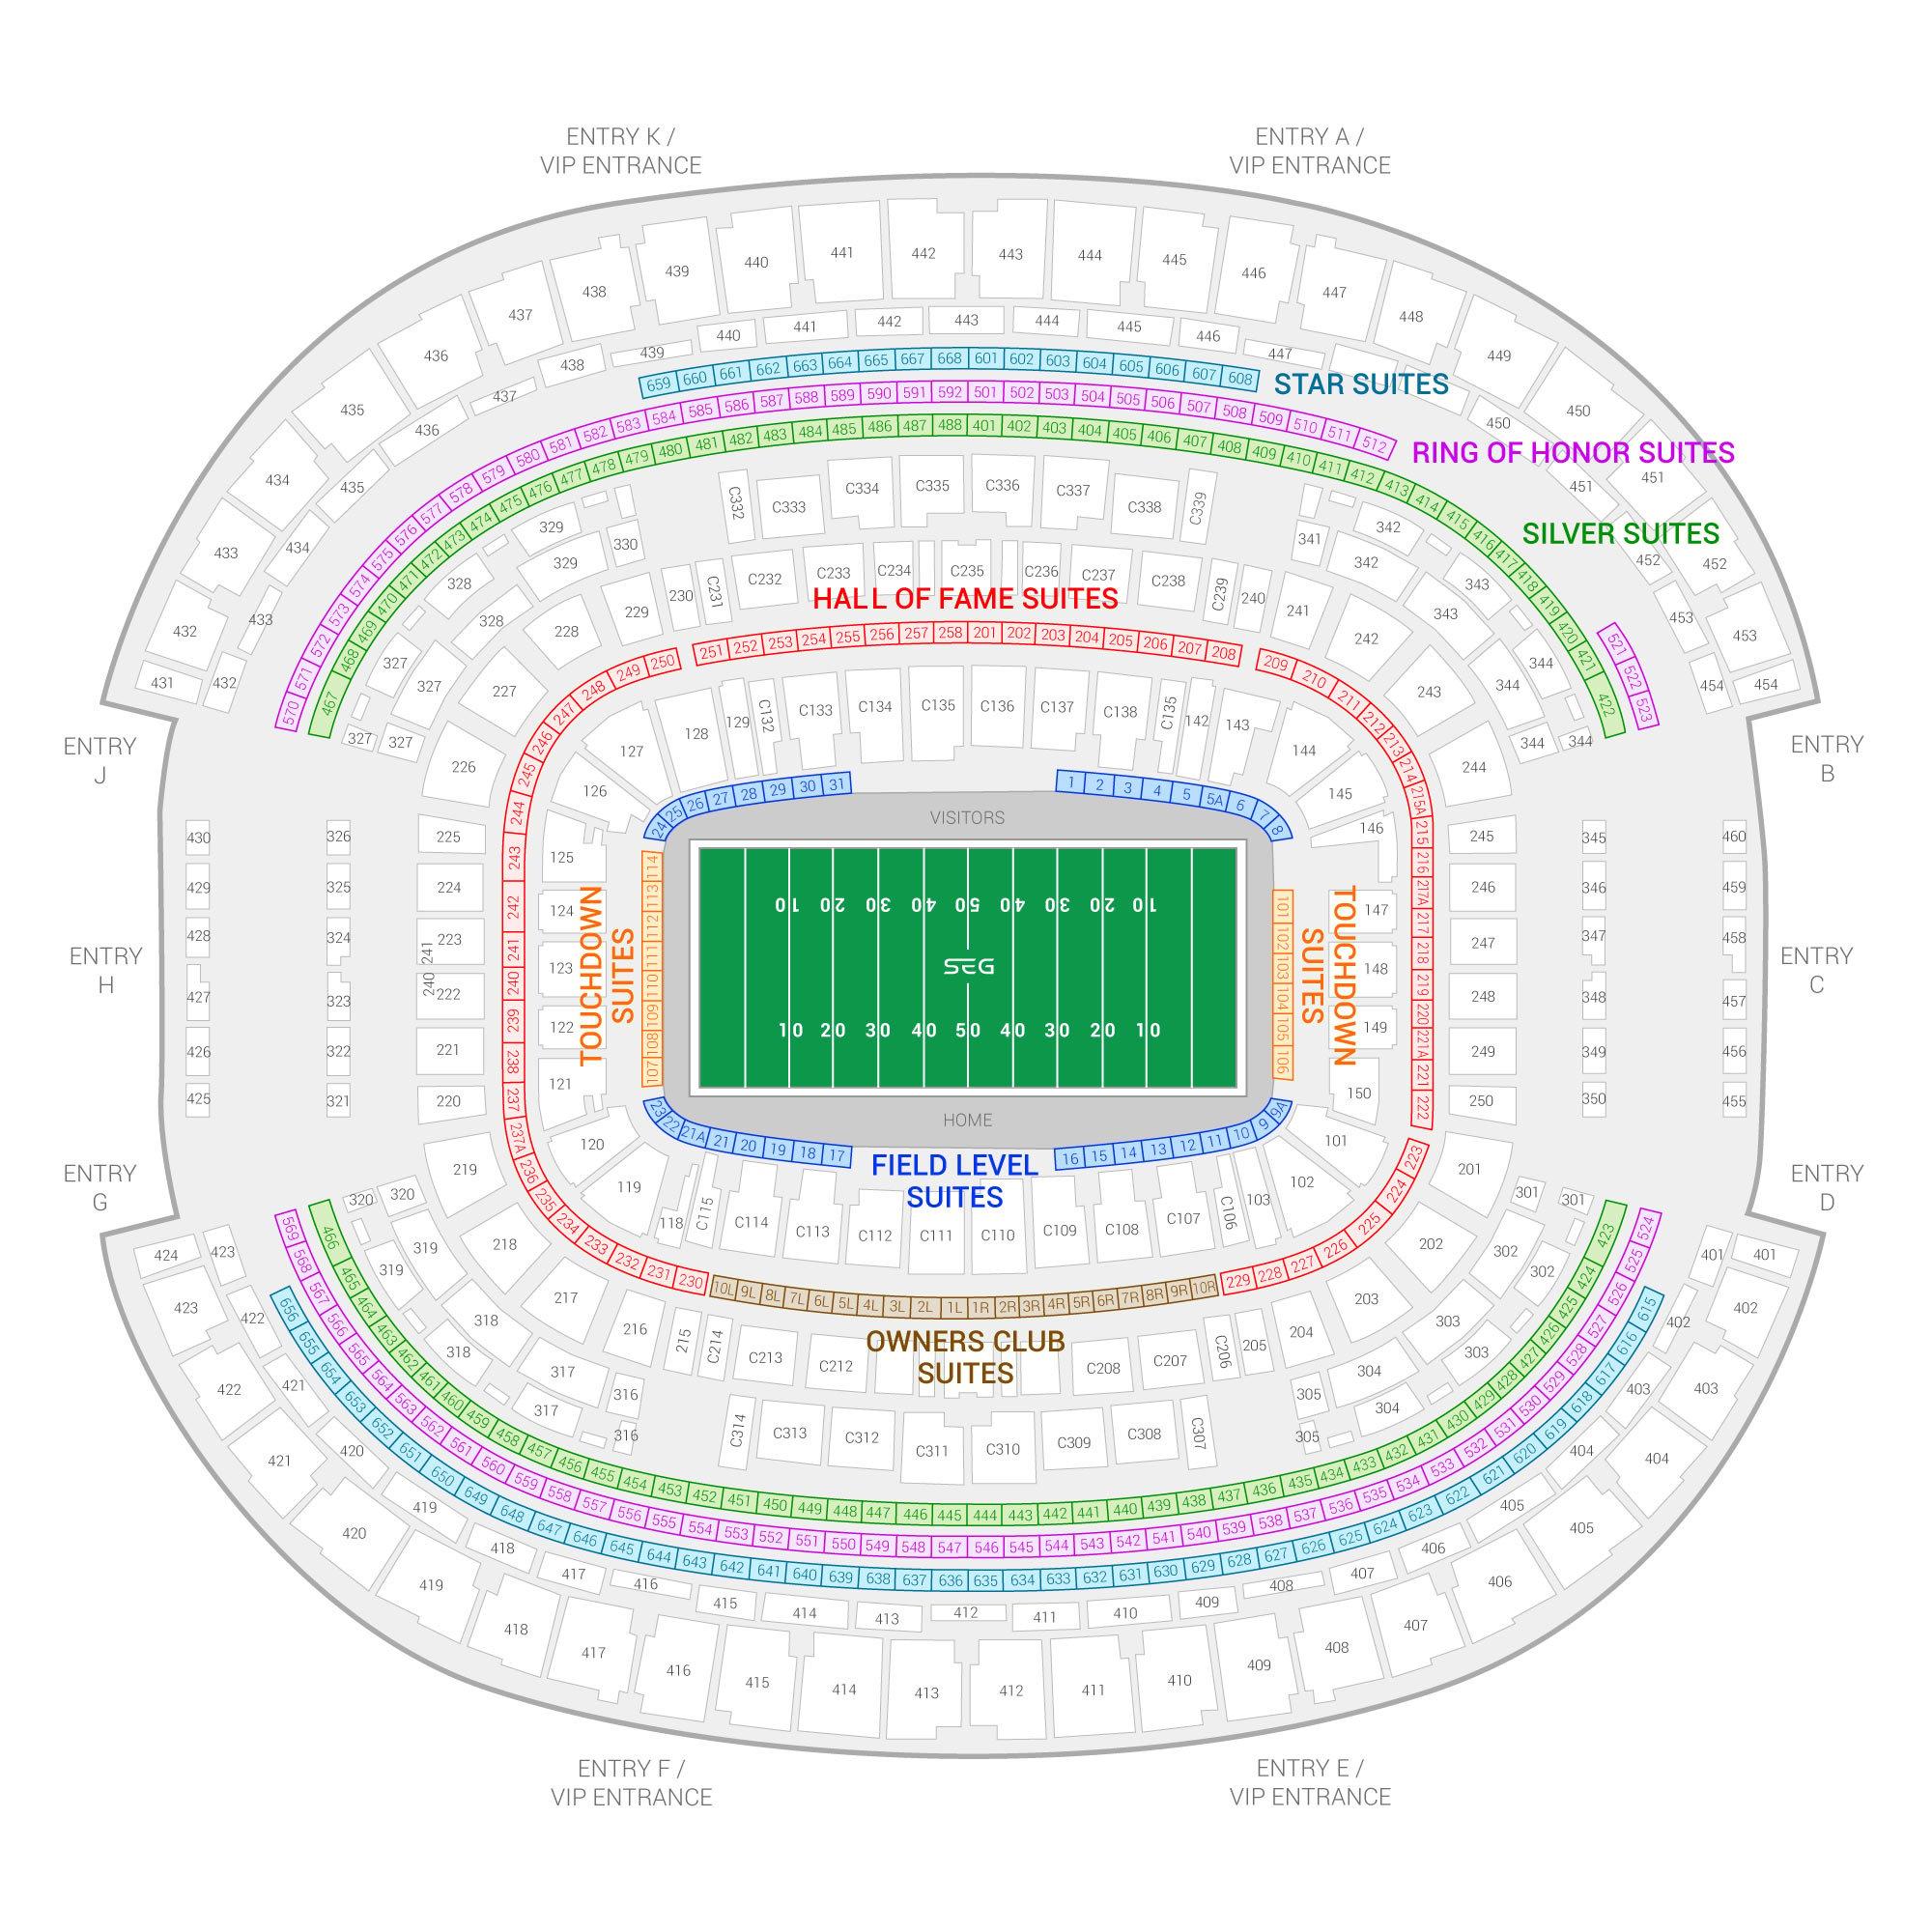 Cotton Bowl Classic Suite Rentals Att Stadium